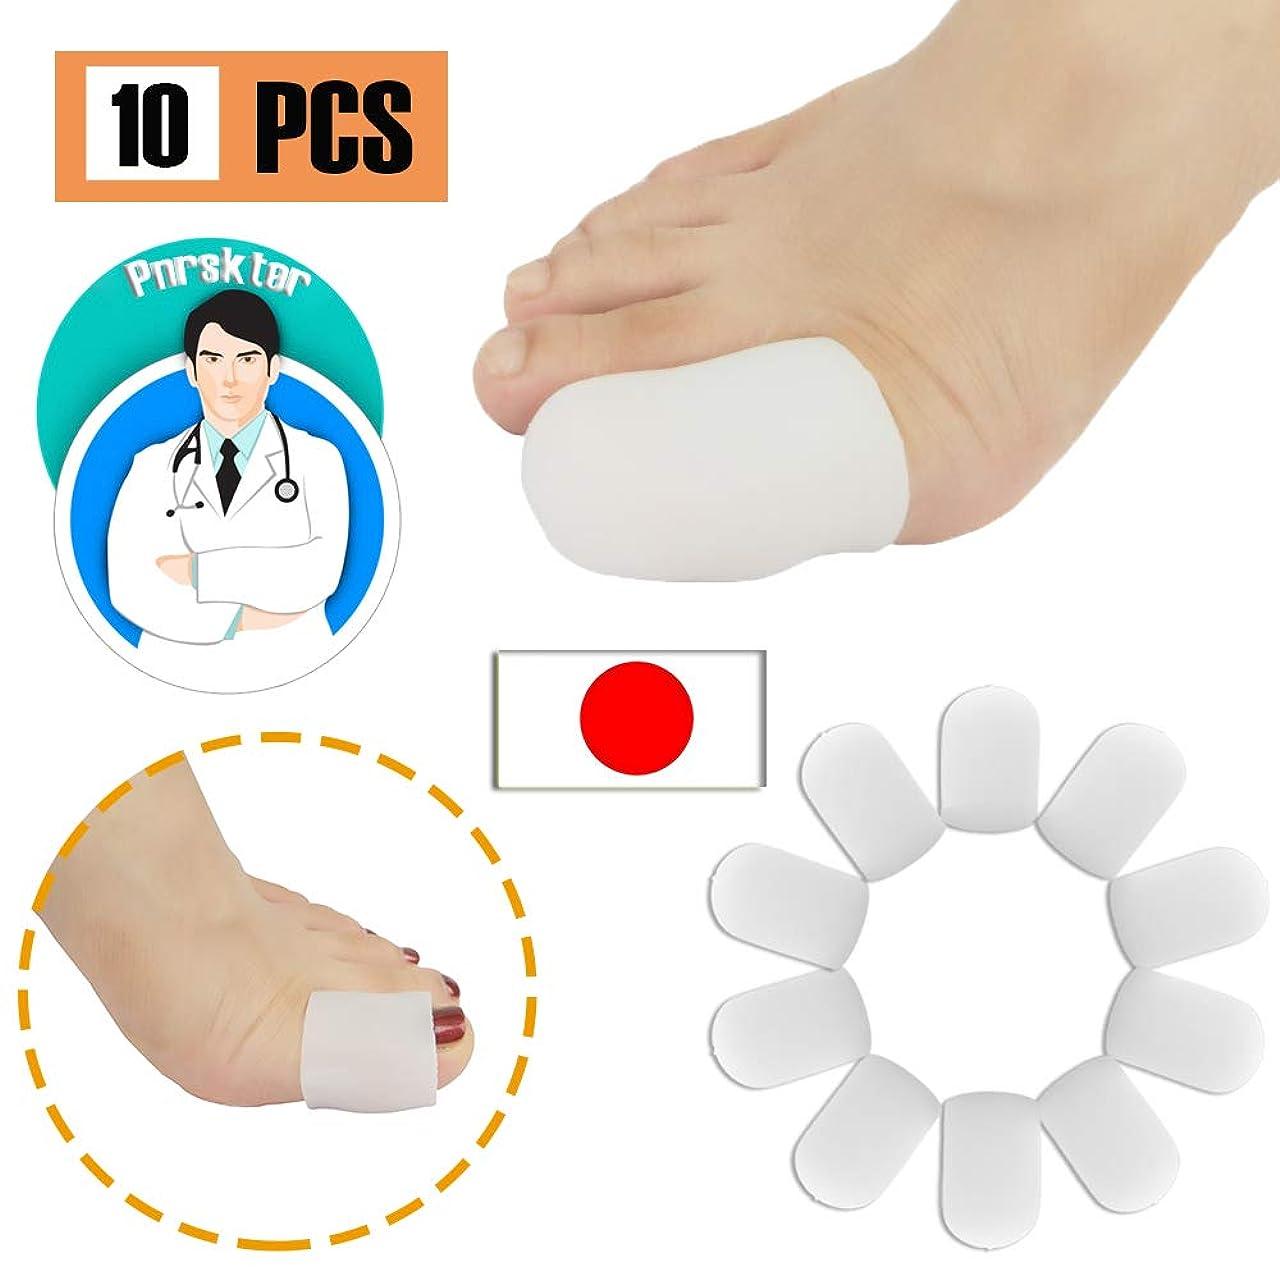 ミッション文字通りブレスジェル 足指 足の親指 キャップ プロテクター スリーブ 新素材 水疱 ハンマートゥ 陥入爪 爪損傷 摩擦疼痛などの緩和 (足の親指用)(10個入り)